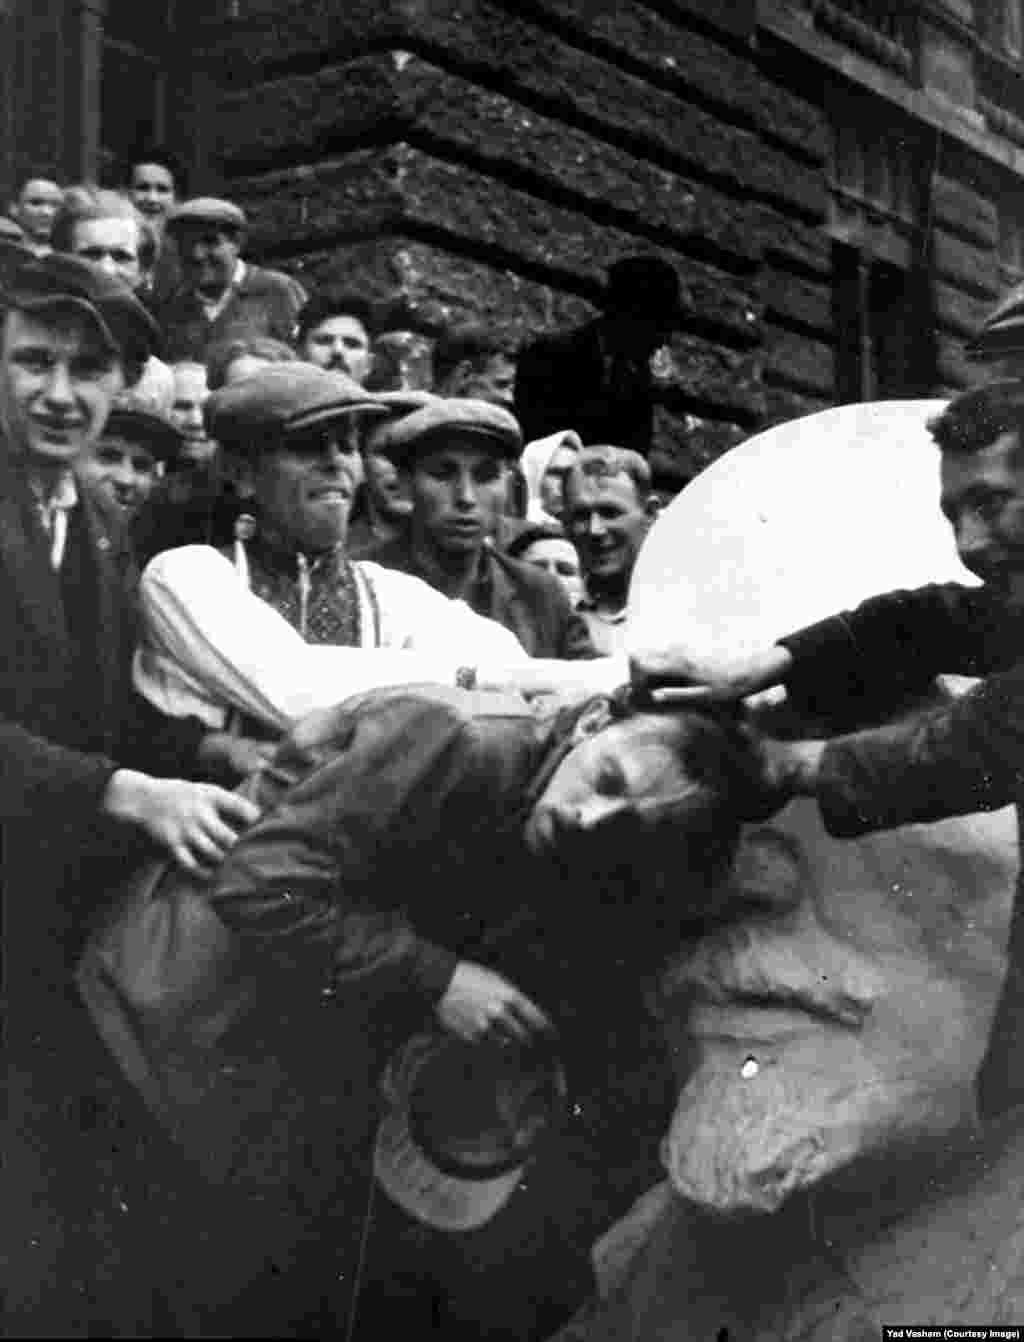 Un evreu atacat de mulțime în vestul Ucrainei. După ce naziștii au deschis închisorile secrete sovietice, s-a aflat despre ororile comise sub conducerea lui Stalin. Propaganda nazistă s-a folosit de faptul că mulți lideri sovietici erau evrei și a început să inflameze antisemitismul.